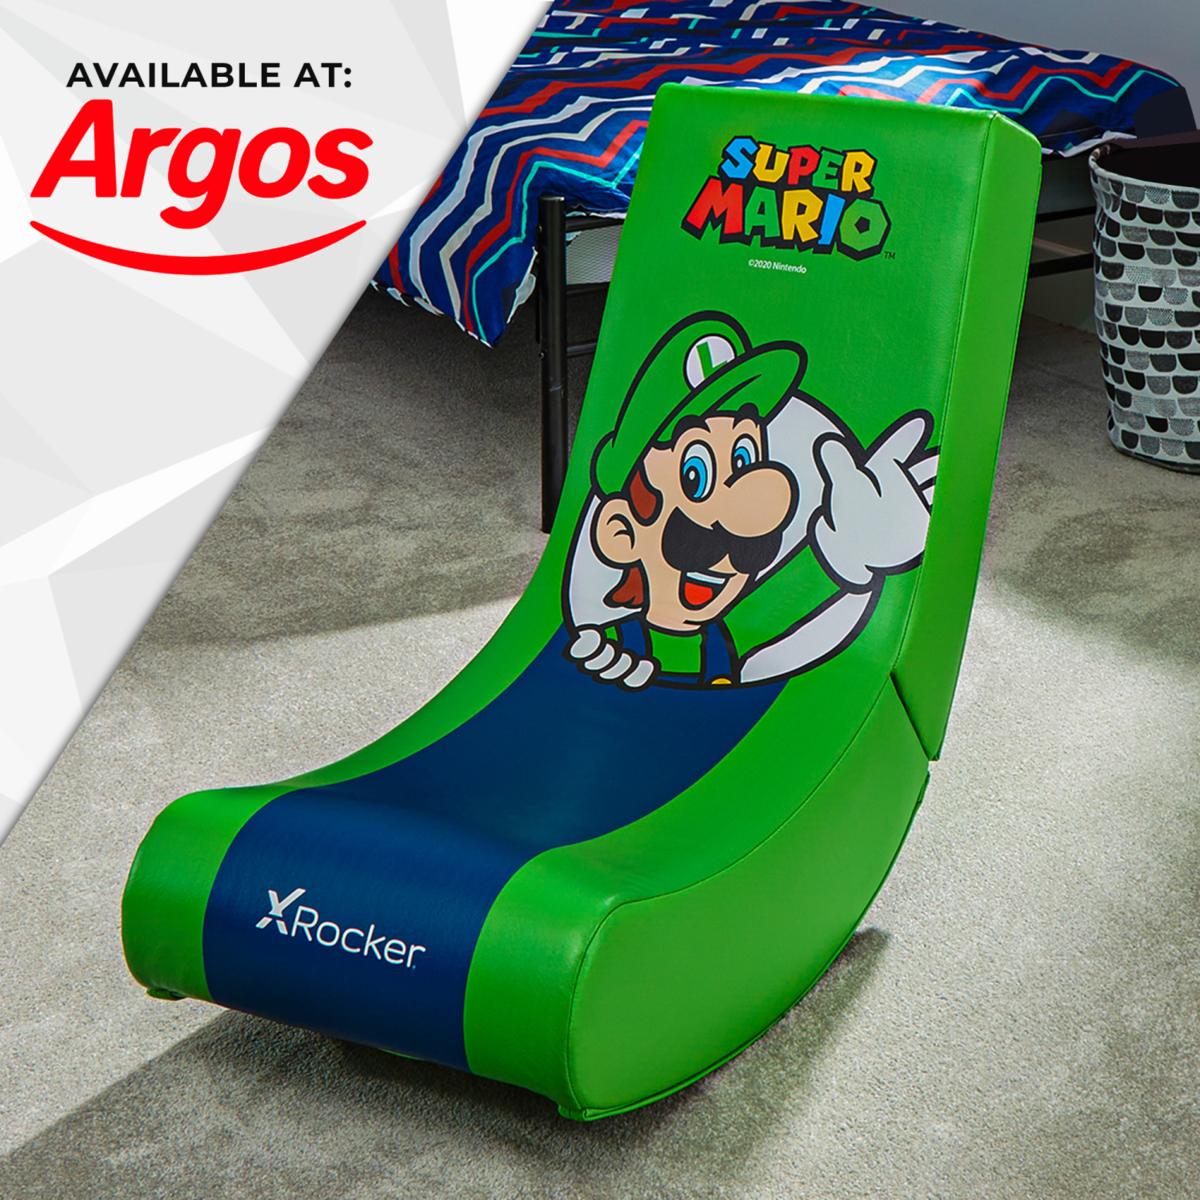 Nintendo Super Mario X Rocker Gaming Chair Floor Rocker- Luigi Spotlight Edition available at Argos